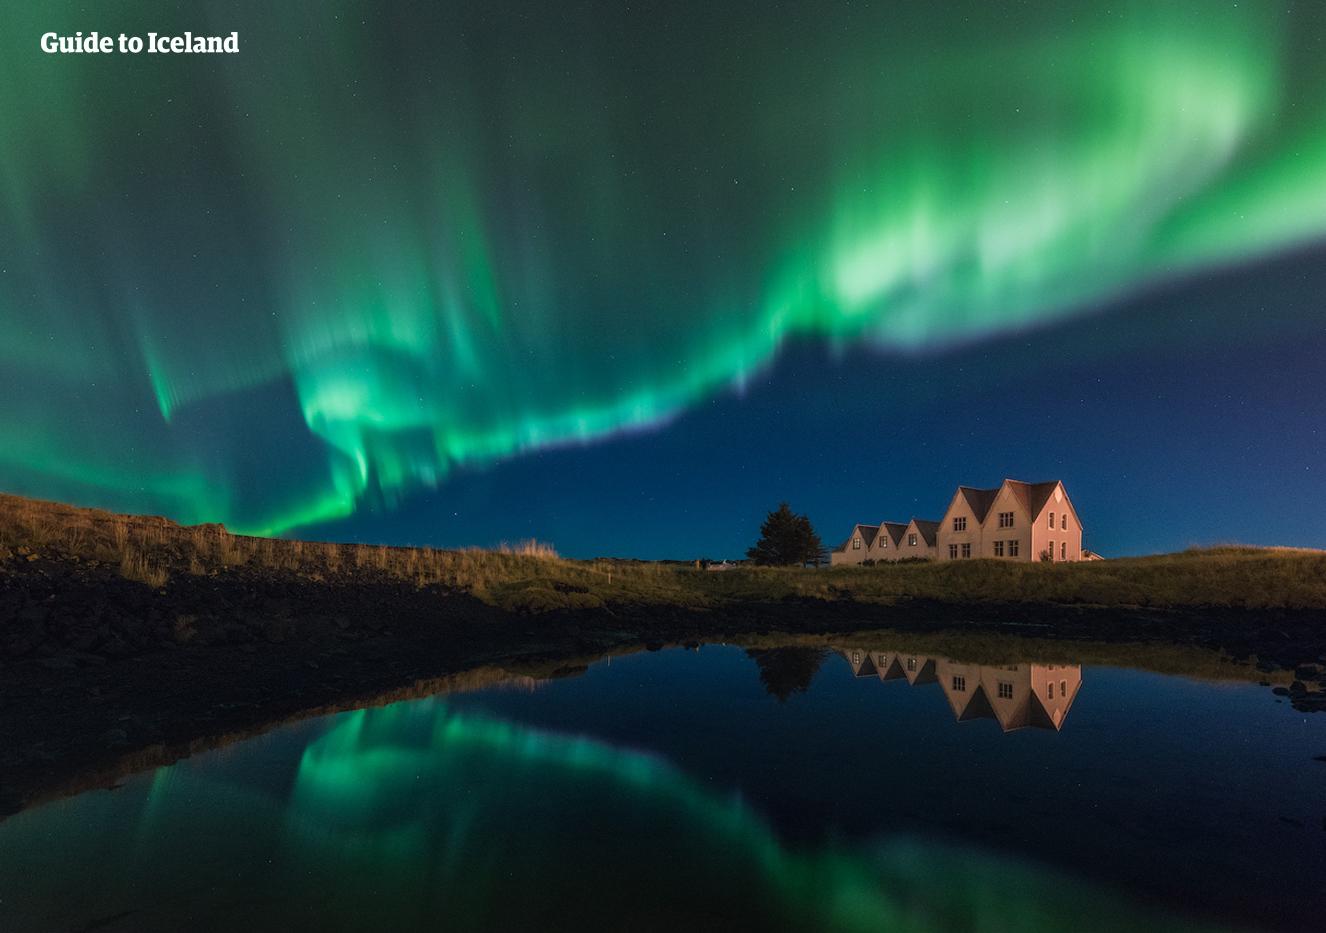 7-дневный зимний автотур | Золотое кольцо и Северная Исландия - day 1